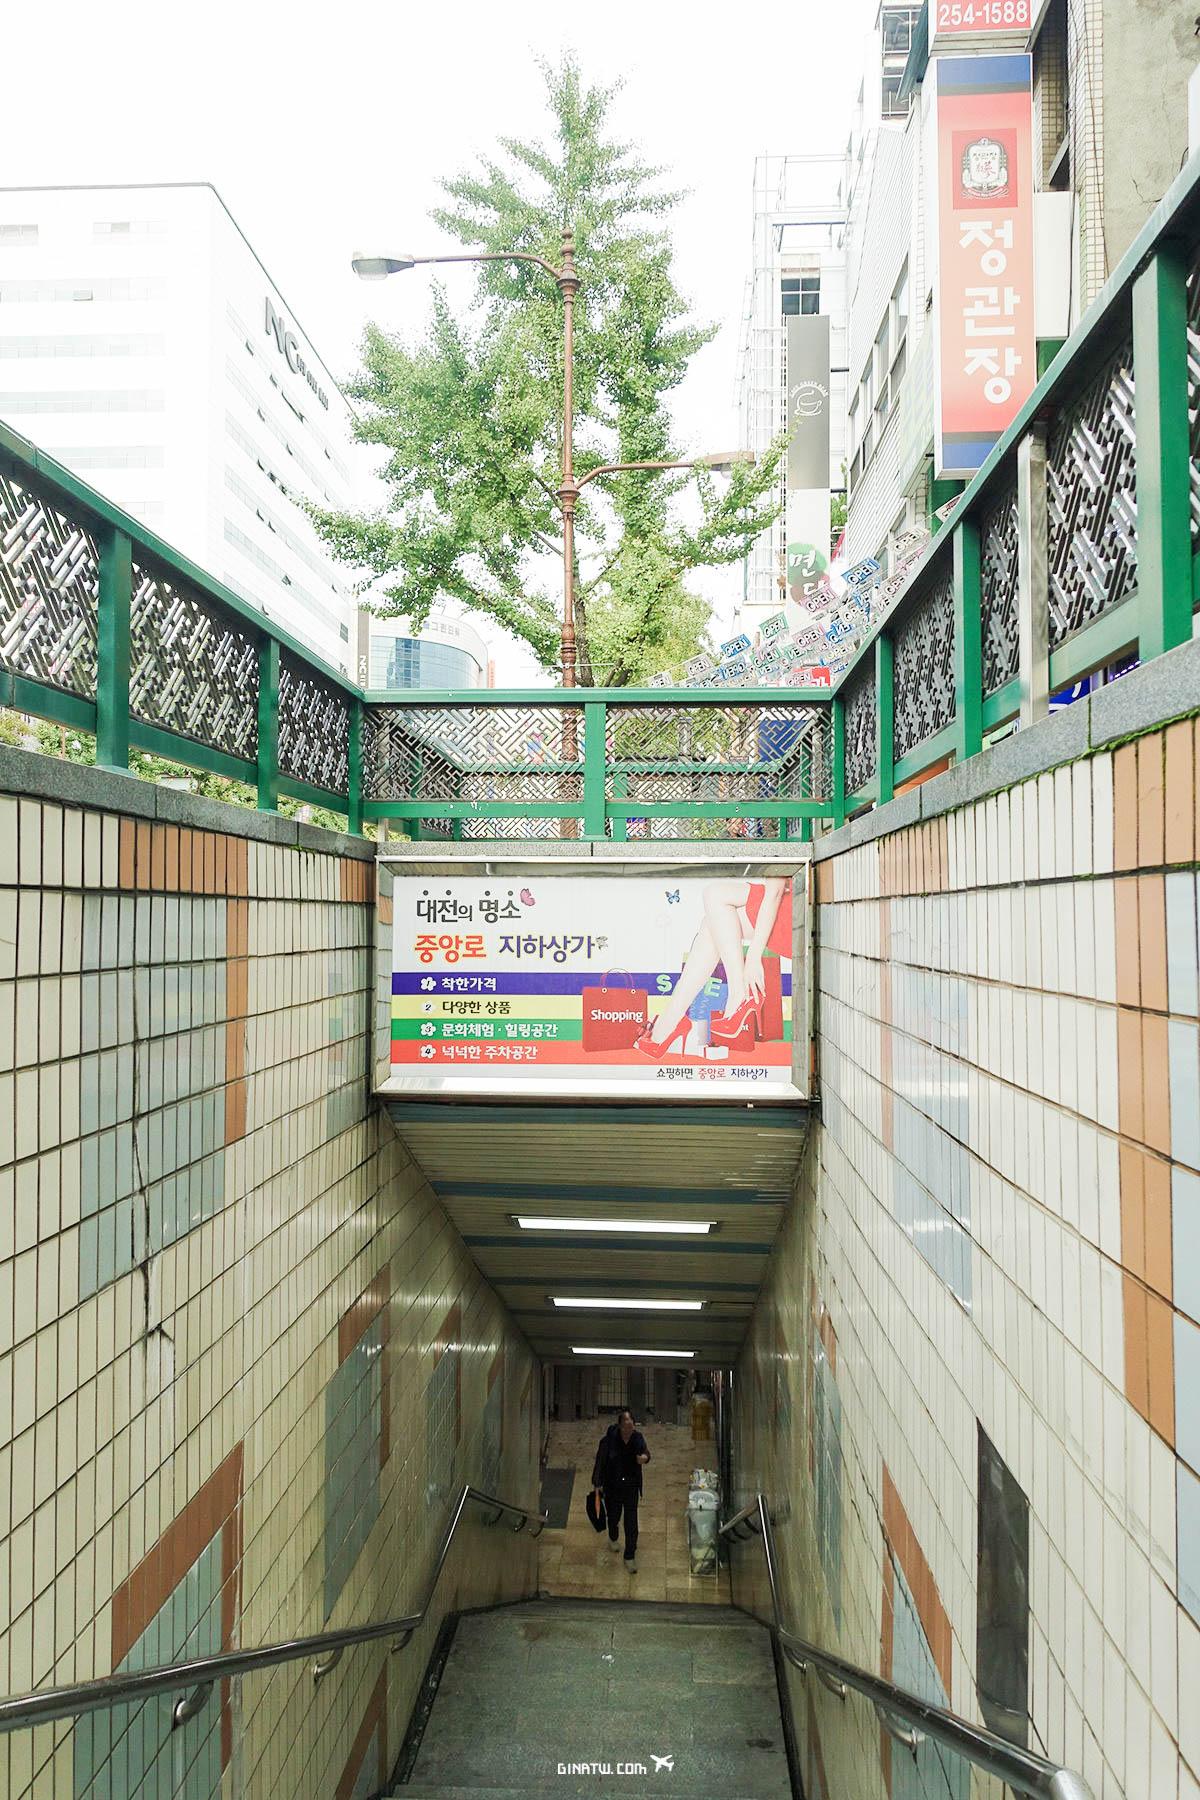 【大田購物】中央地下商家|大田火車站、中央站 @GINA環球旅行生活|不會韓文也可以去韓國 🇹🇼